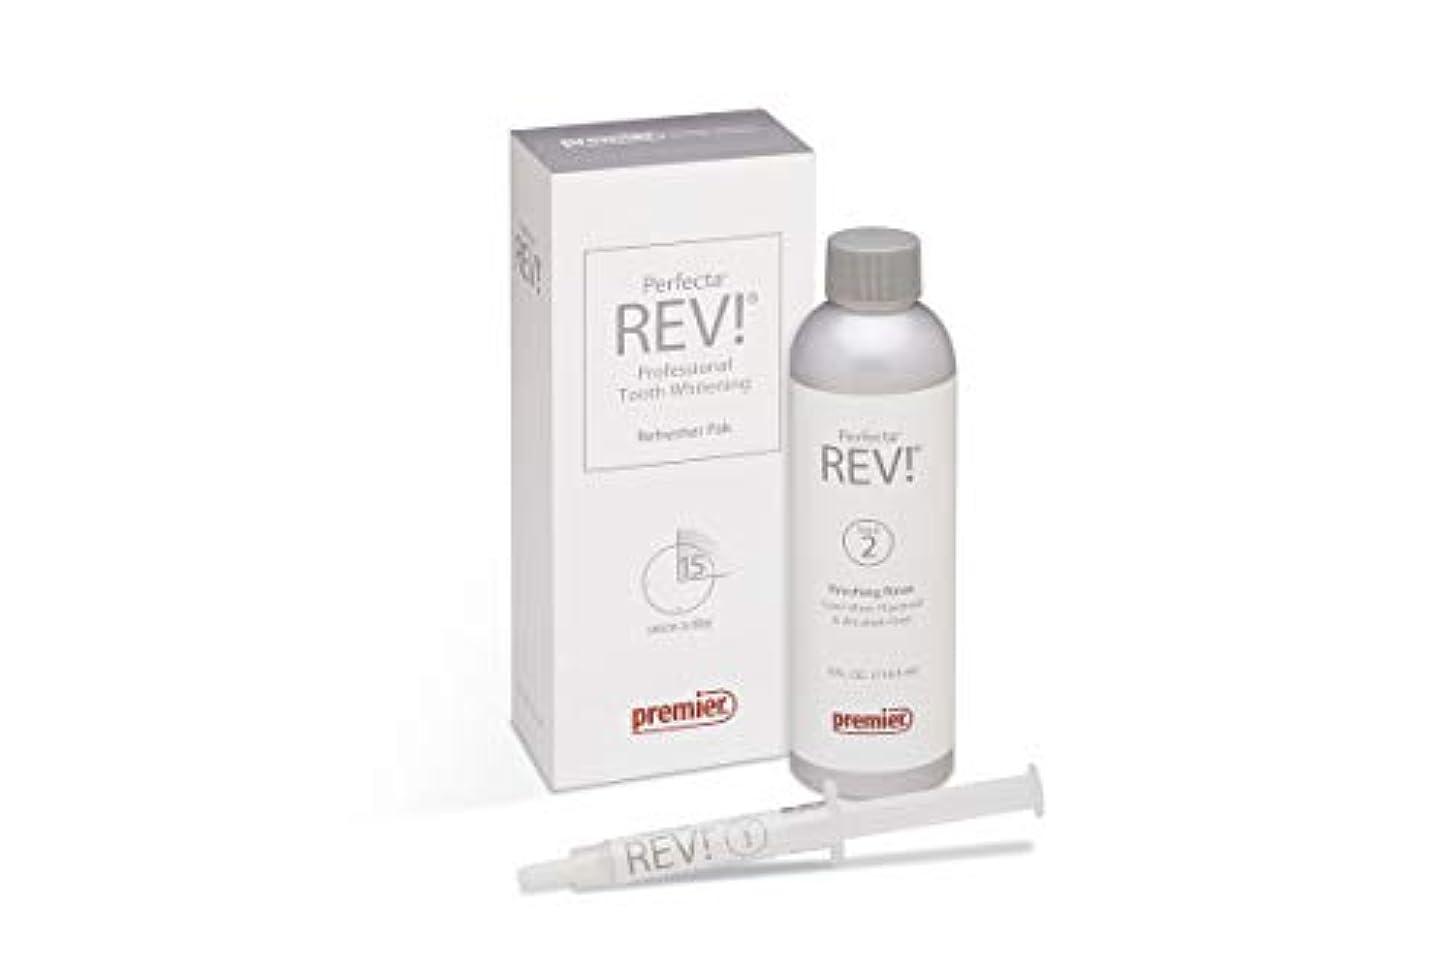 和らげるではごきげんようアンソロジーPremier Perfecta RevリフレッシャPak ( 4000141 ) 14 % Teeth Whitening Gel and Rinse Whitening Oral Care